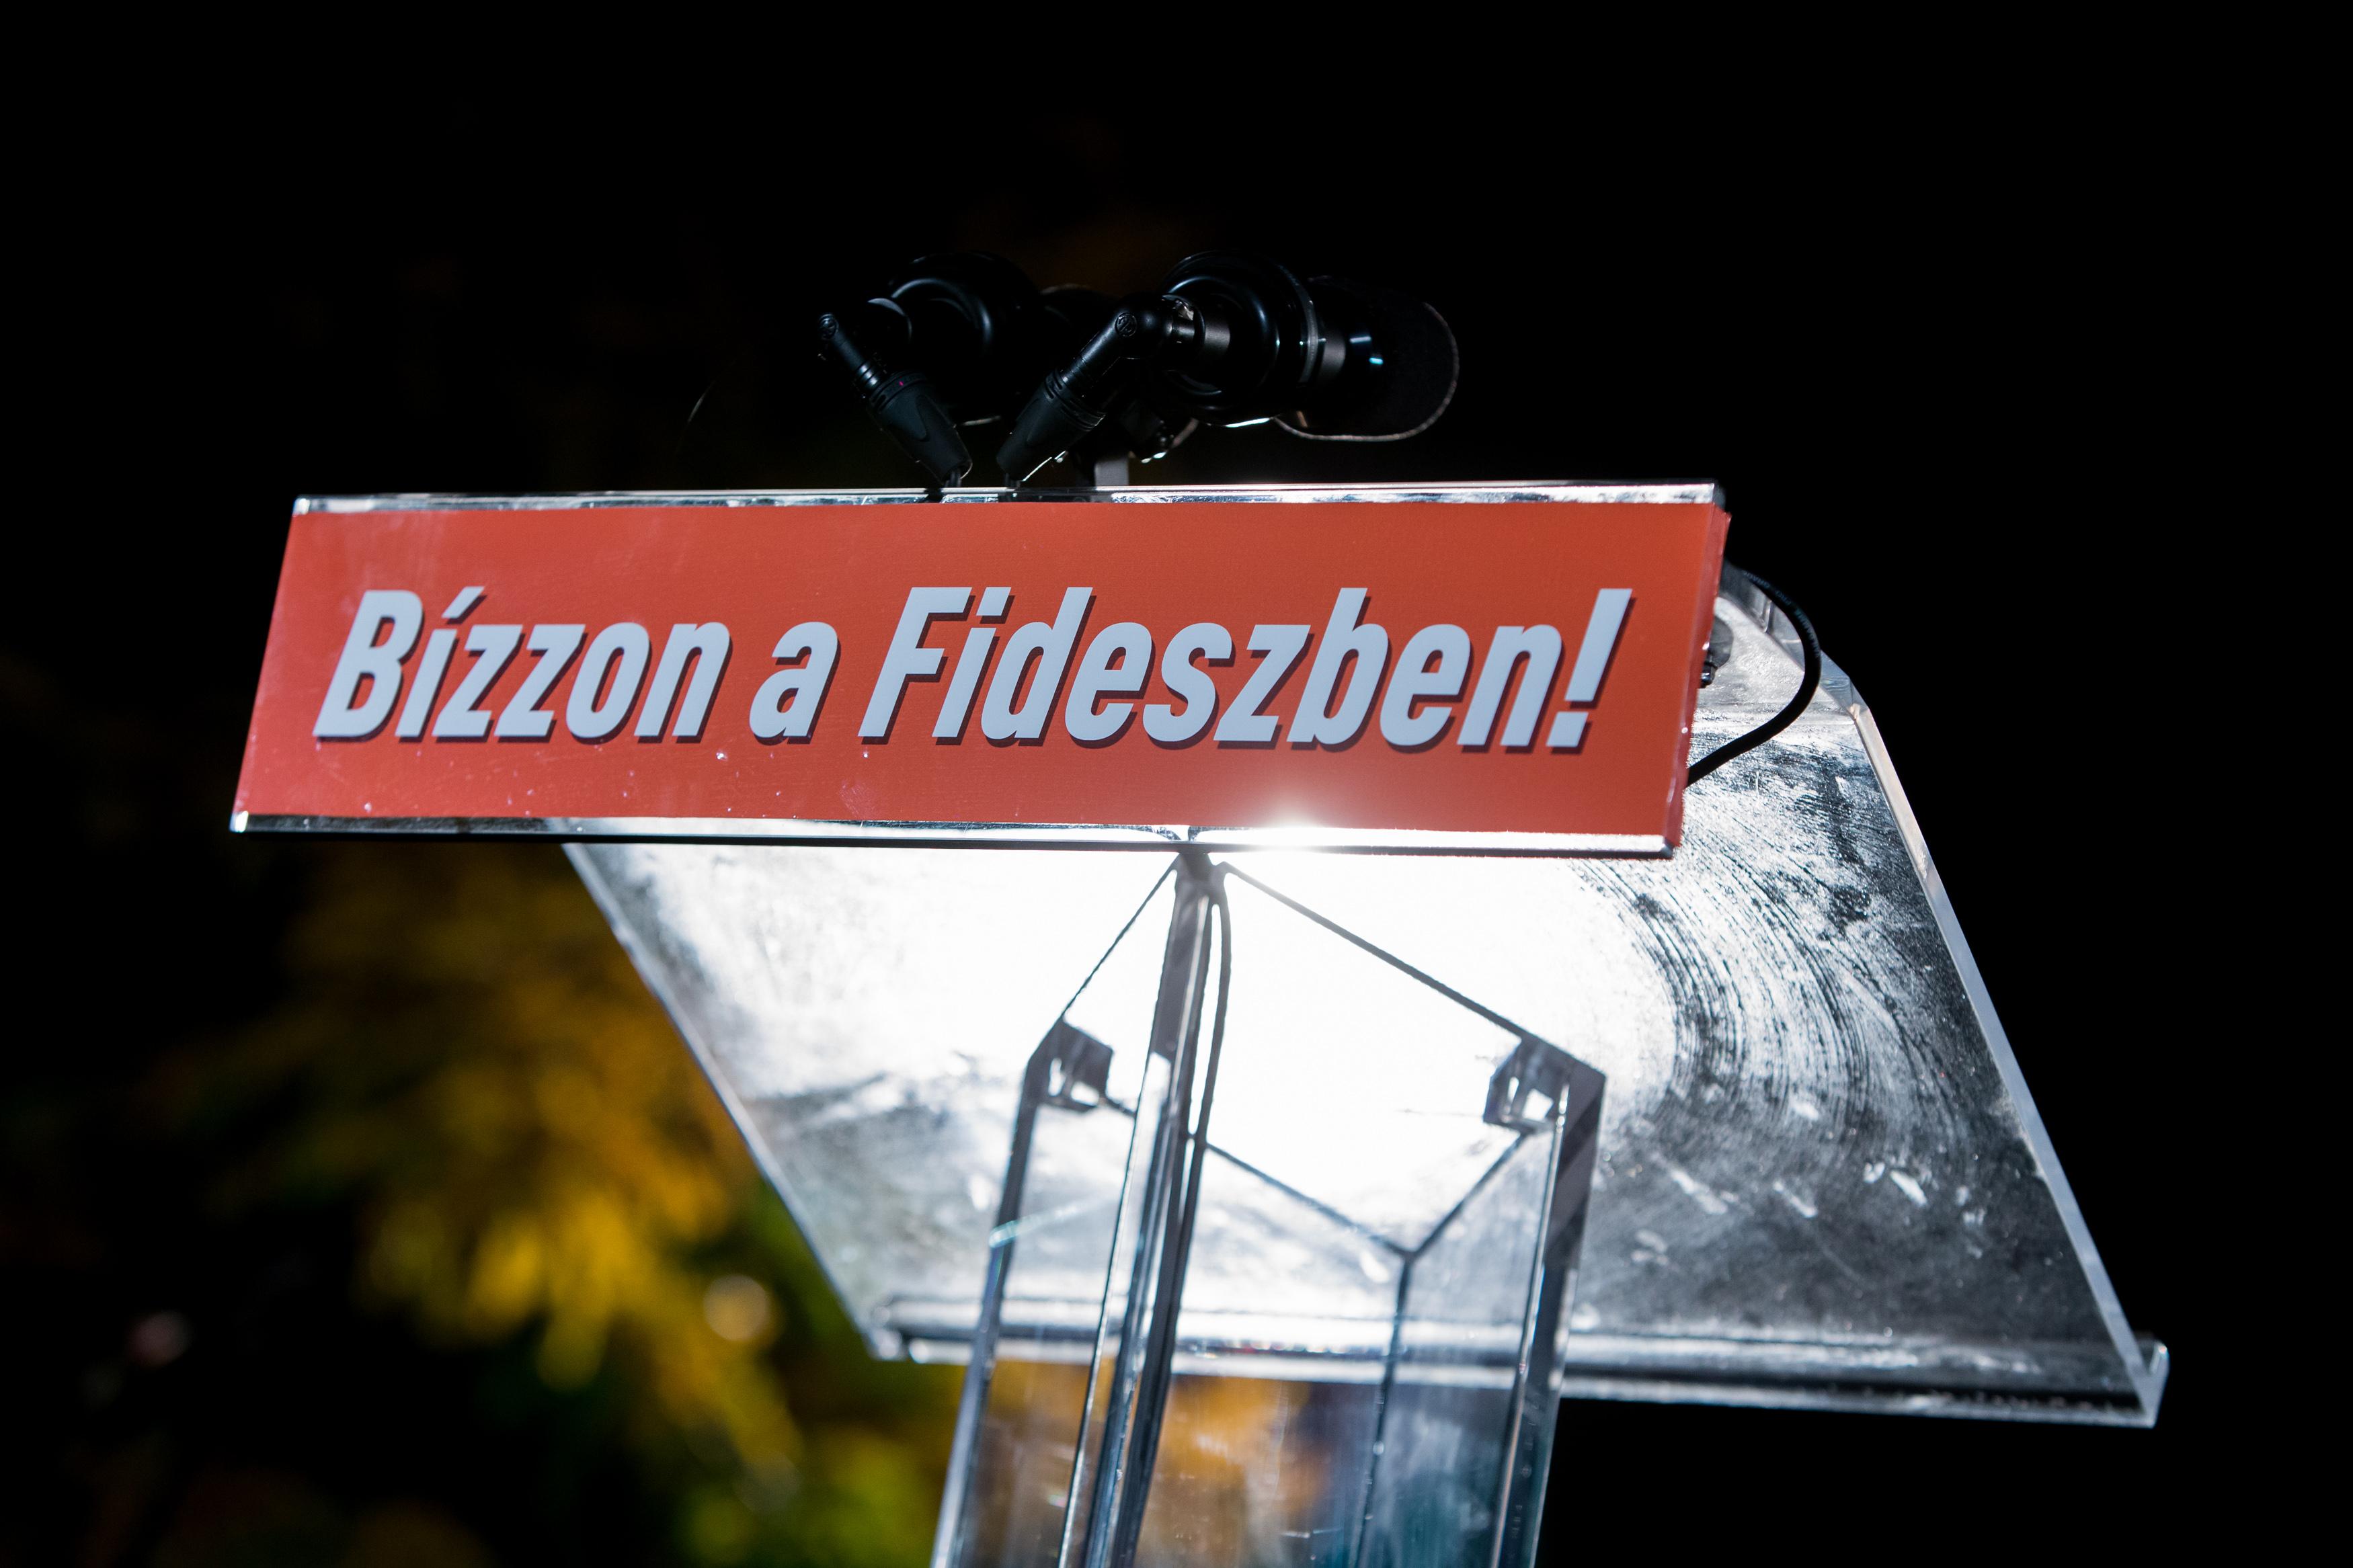 Fehérvárcsurgón elcsalták a számlálást a fideszes javára, de újraszámlálták, így mégis győzött a független kihívója